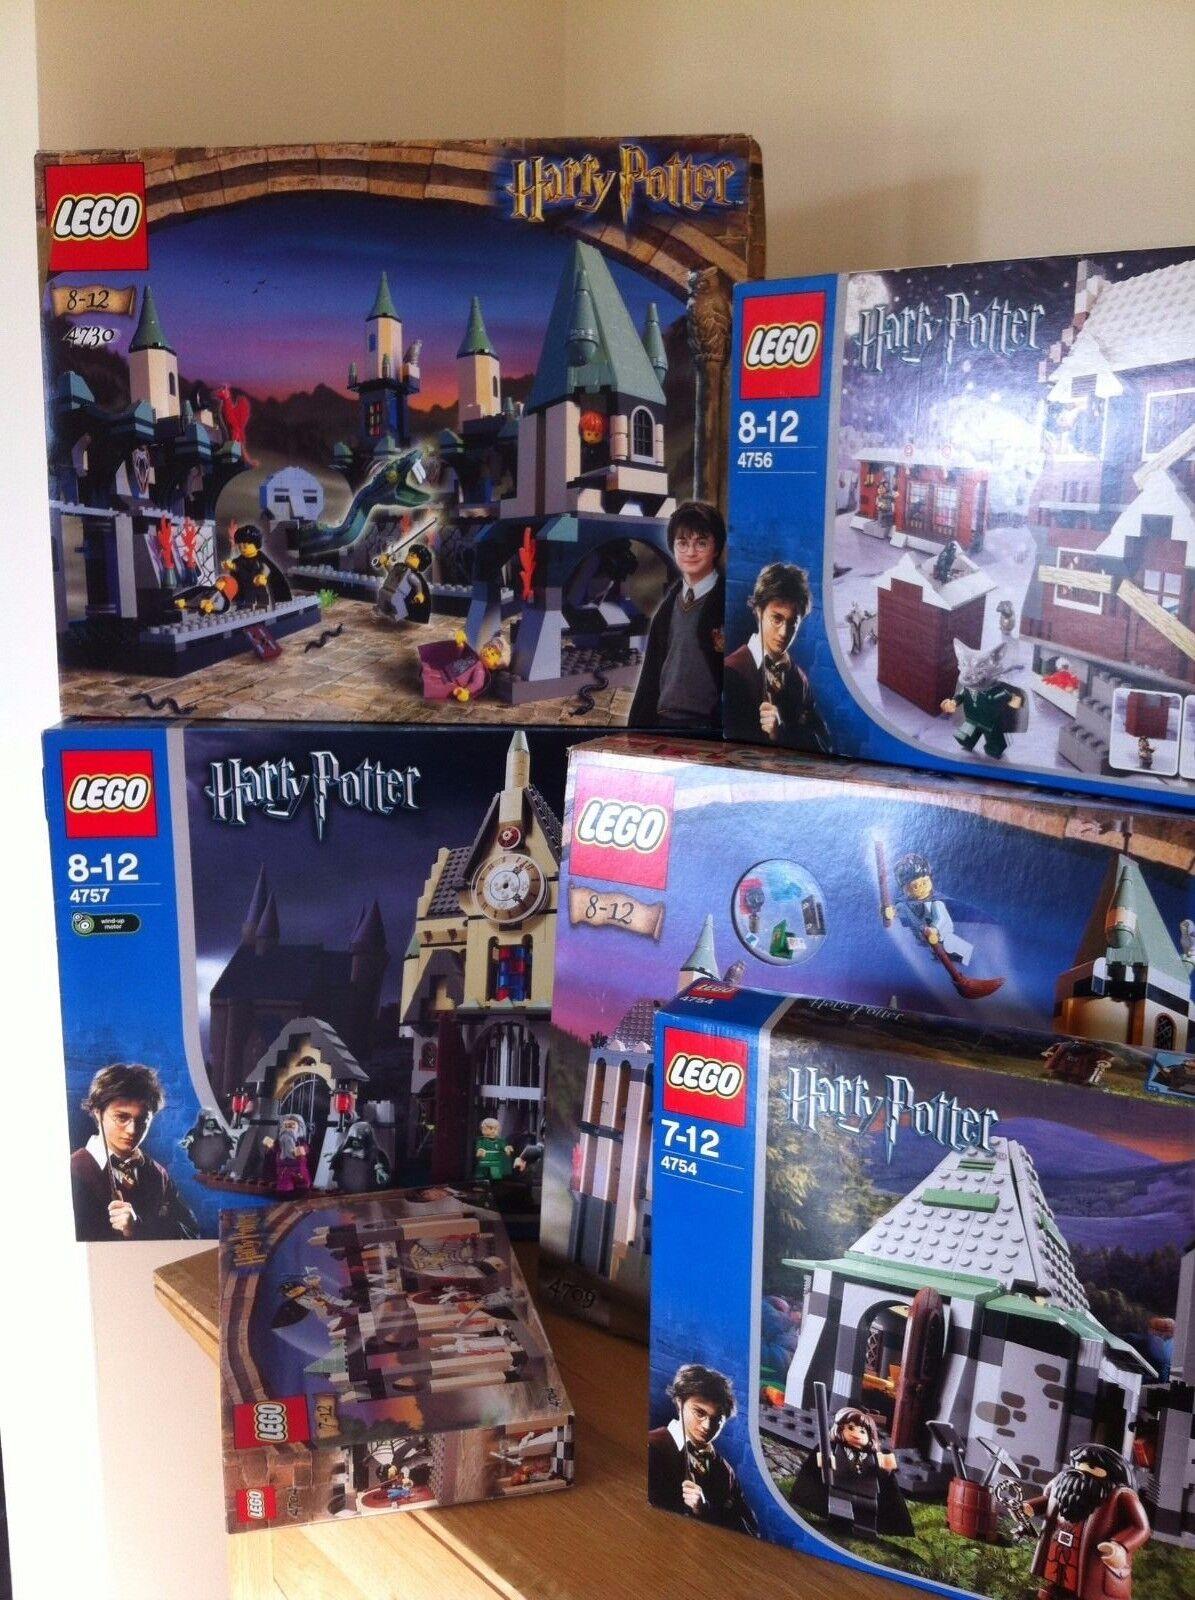 LEGO Harry Potter stamberga strillante 4756 100% COMPLETO RARO & in pensione